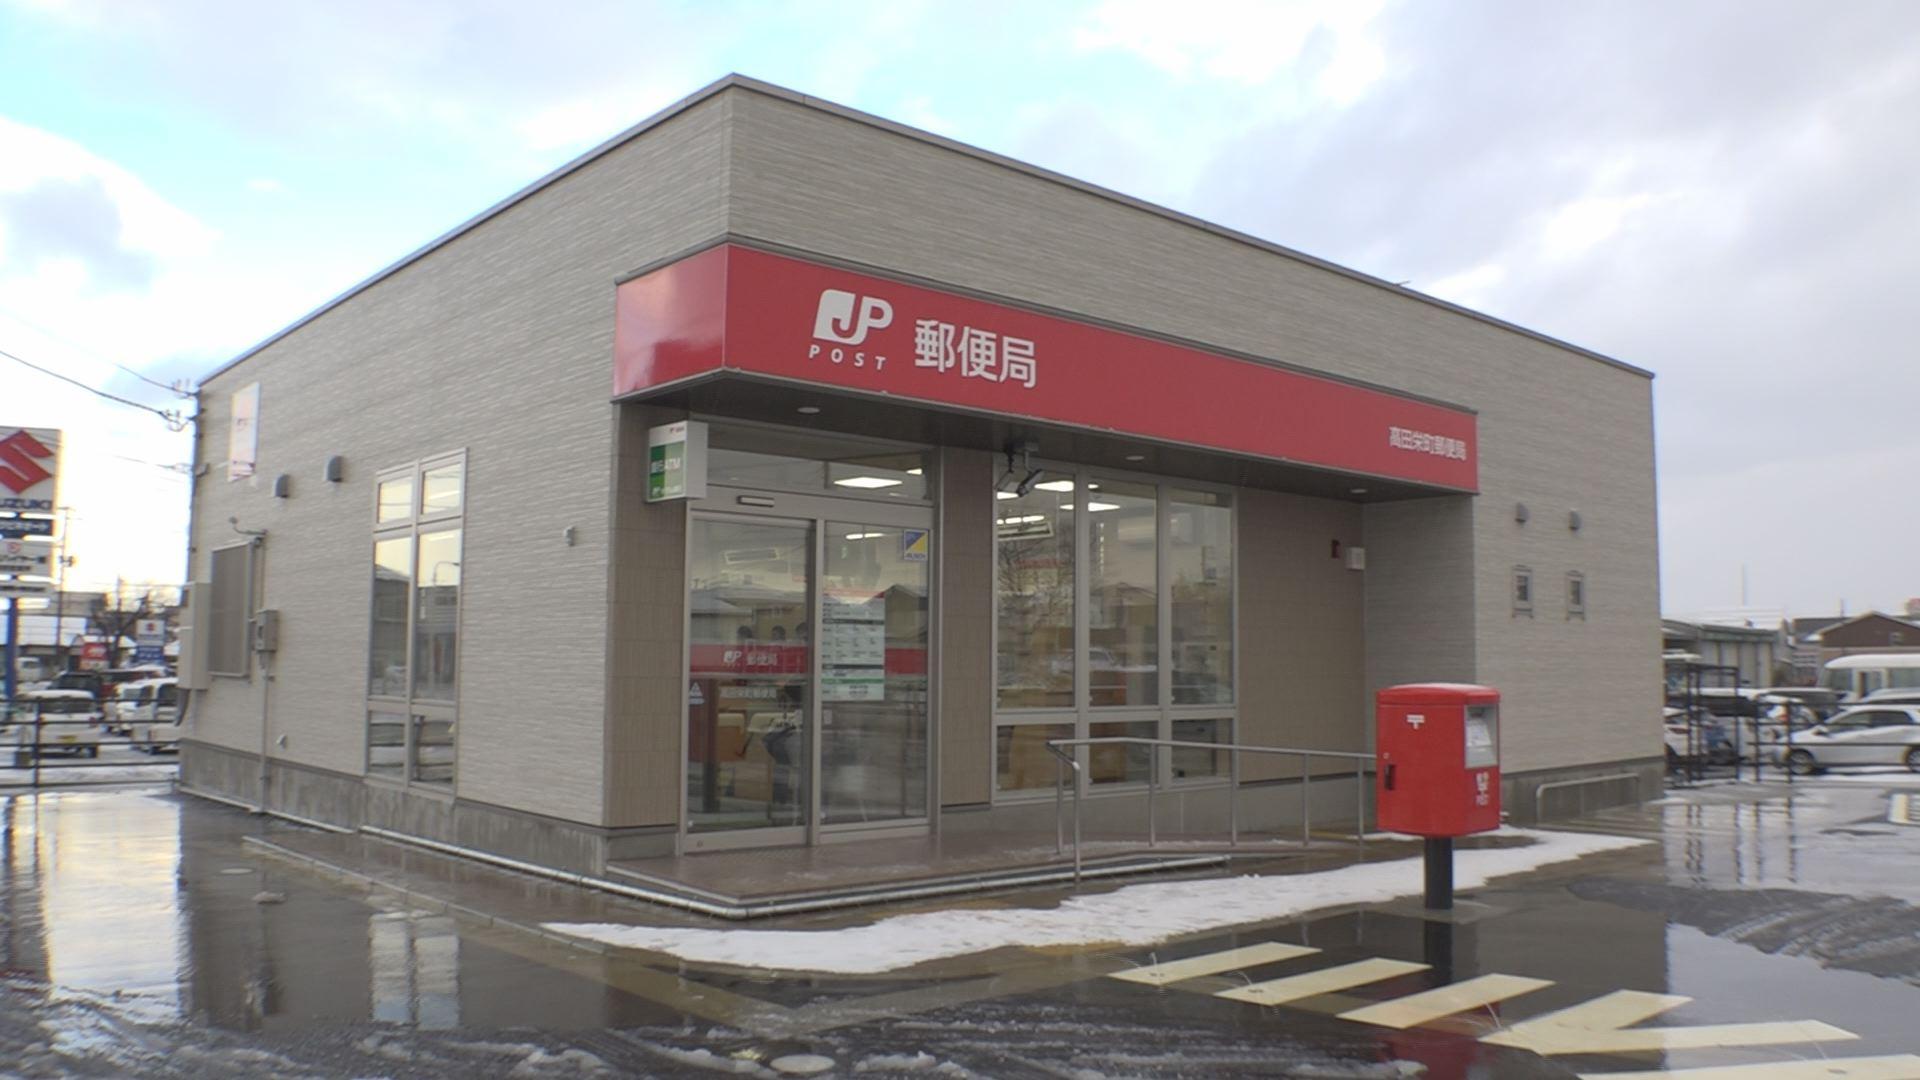 アクセスが格段にアップ!高田栄町郵便局が移転・開局   ニュース ...